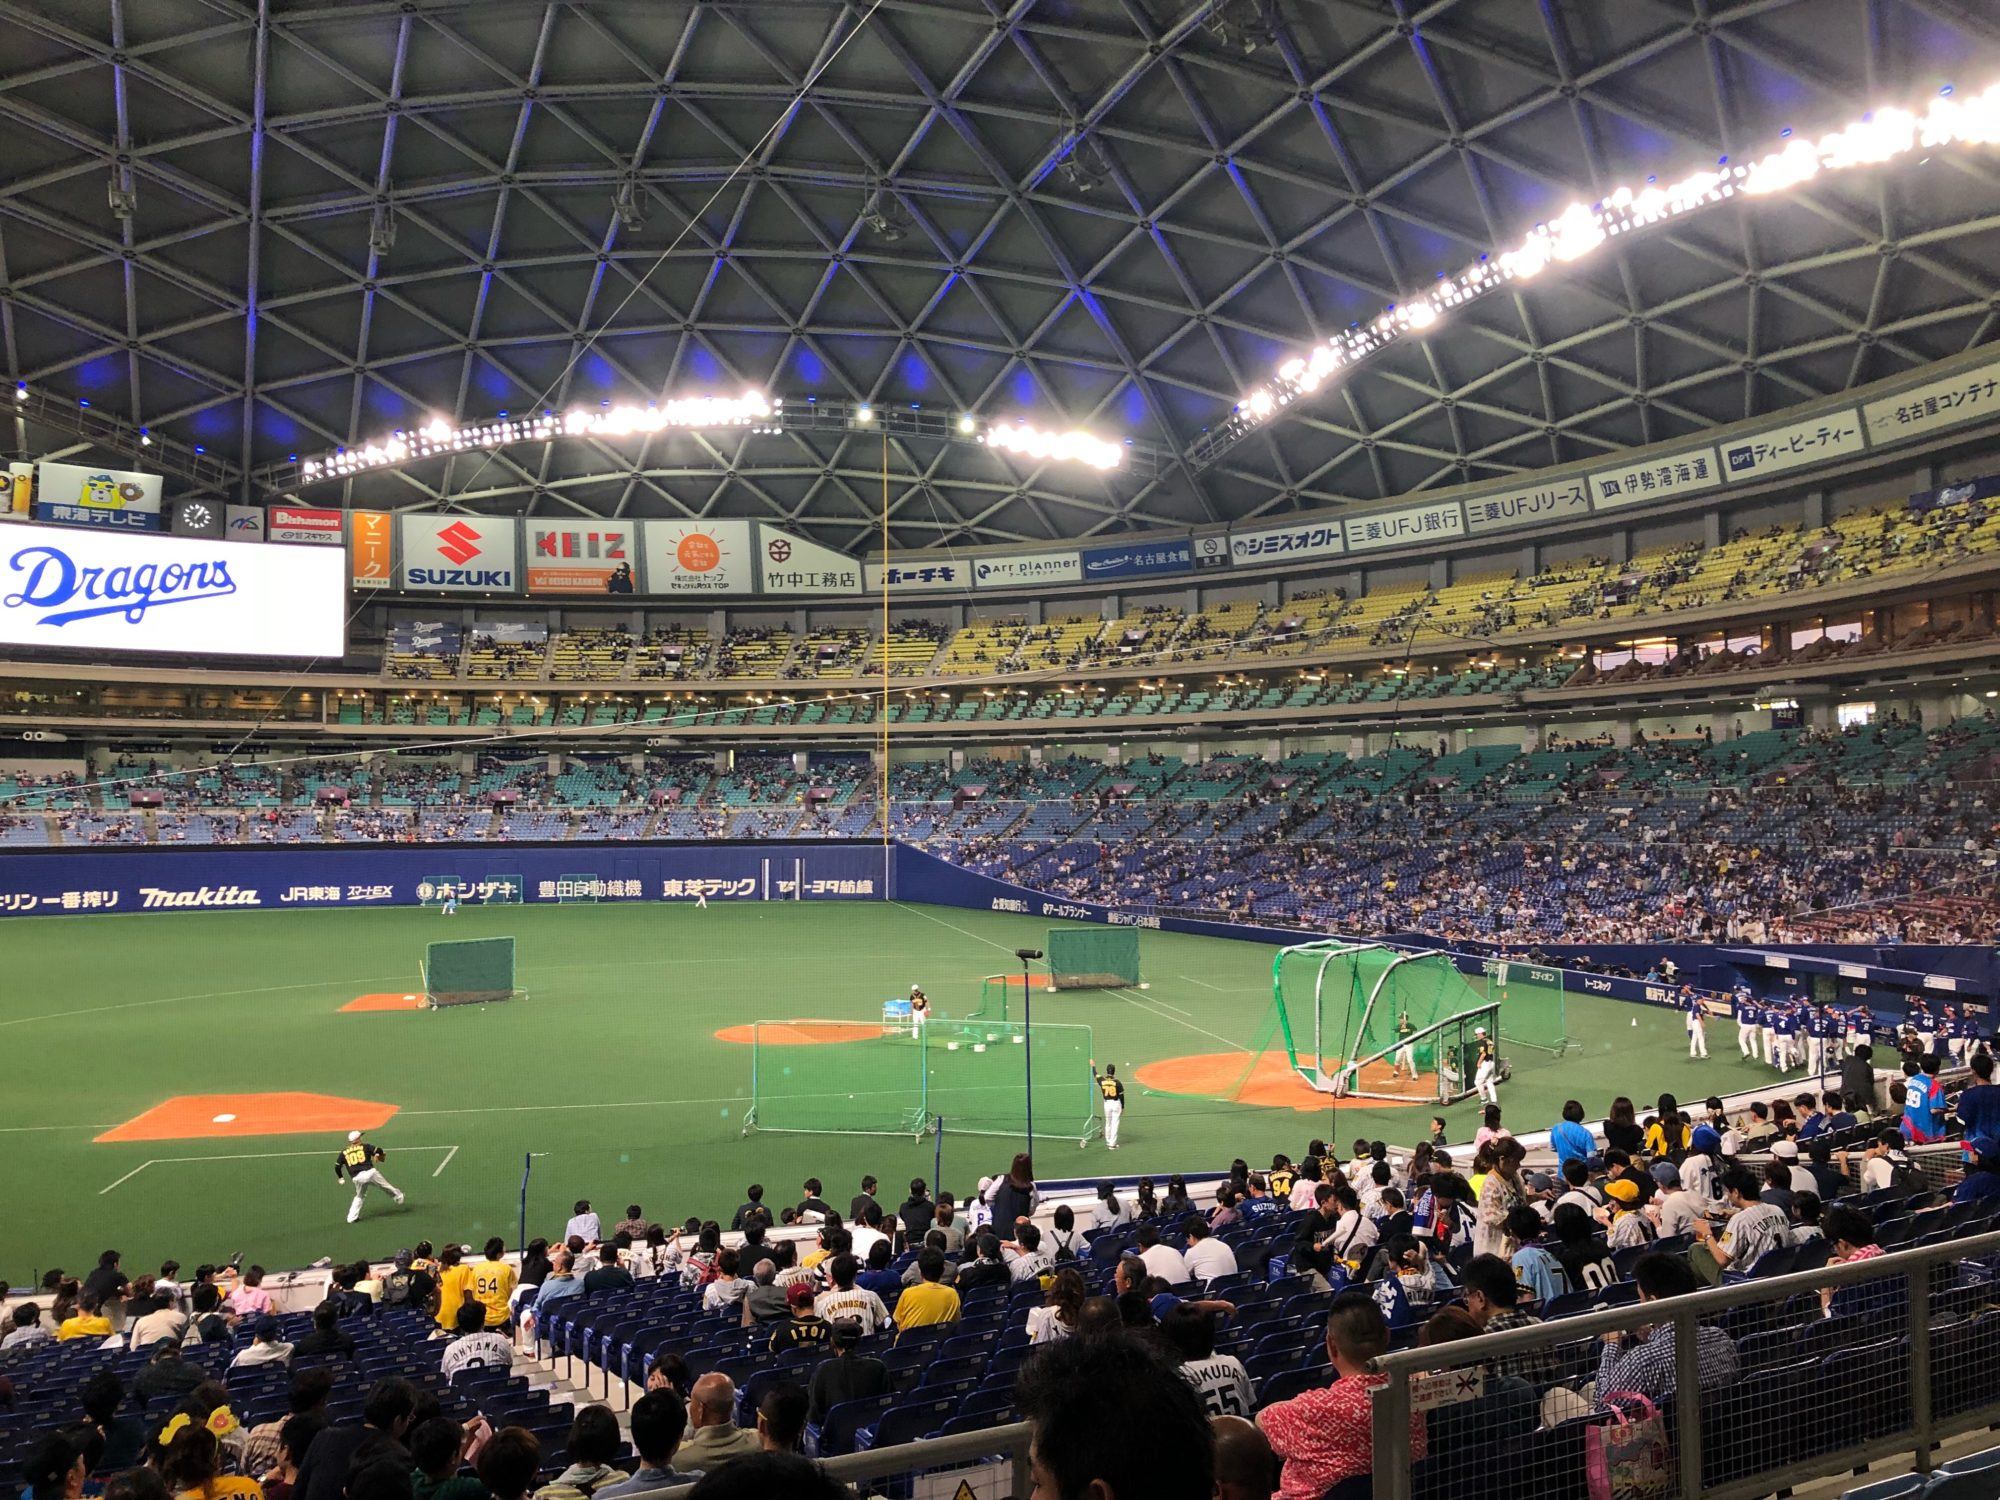 大阪から車で初めてのナゴヤドームへ〜阪神×中日戦を内野SSシート(ビジターシート)で野球観戦、楽しみ方〜